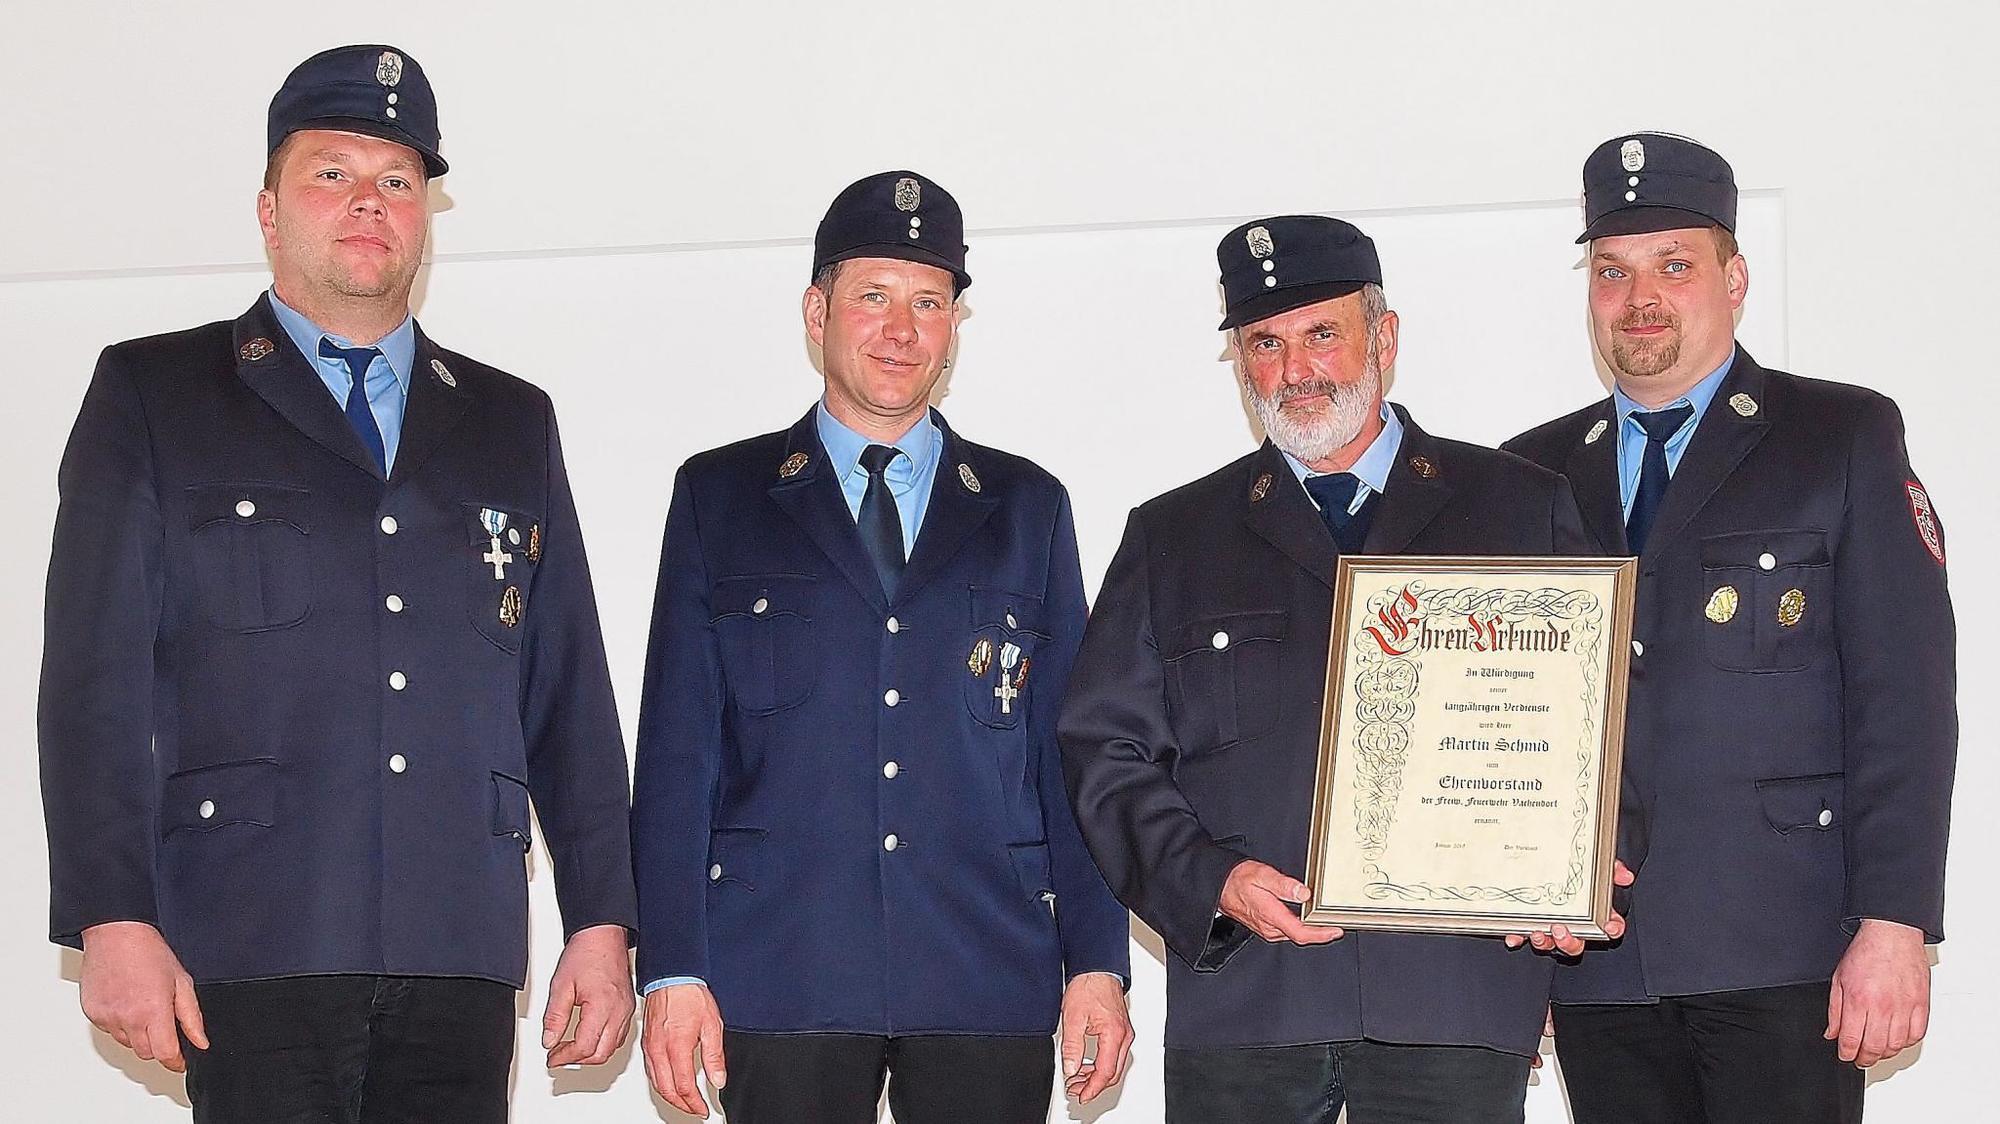 18 Einsätze für die Vachendorfer Feuerwehr